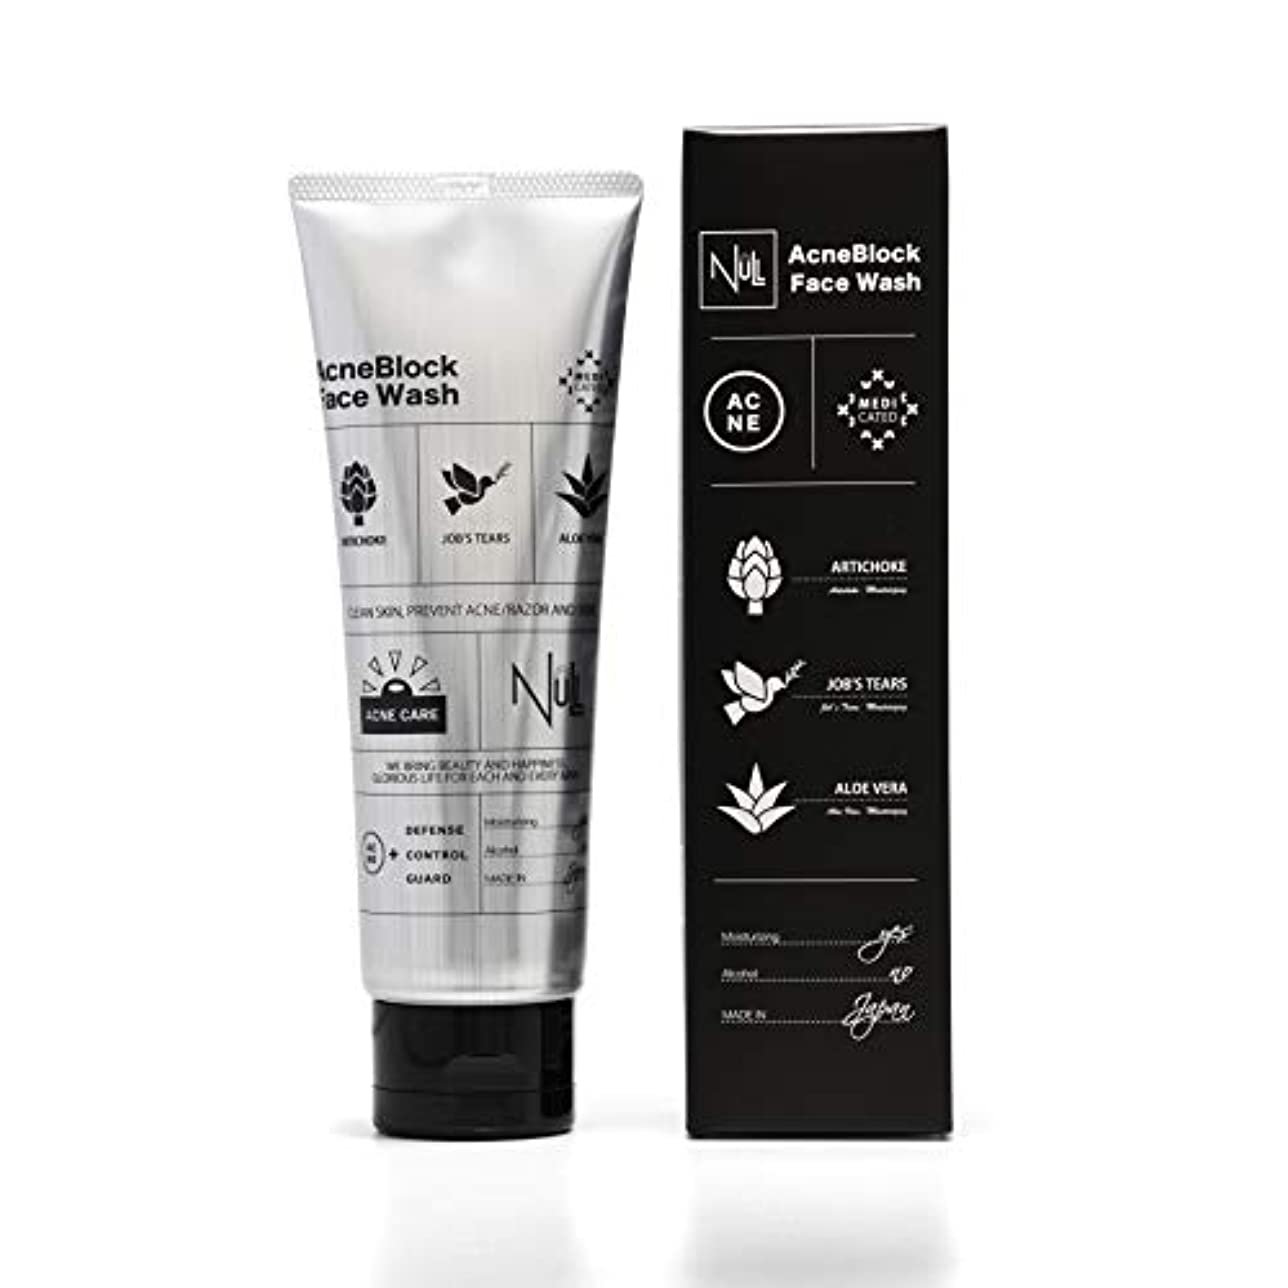 花束制限されたラベンダーNULL 洗顔 メンズ 【有効成分の力で ニキビ を防ぐ かみそり負け/肌荒れ を防ぐ】薬用 アクネブロック フェイスウォッシュ 洗顔クリーム 洗顔料 保湿成分配合 アルコールなど6つの 無添加 医薬部外品 120g